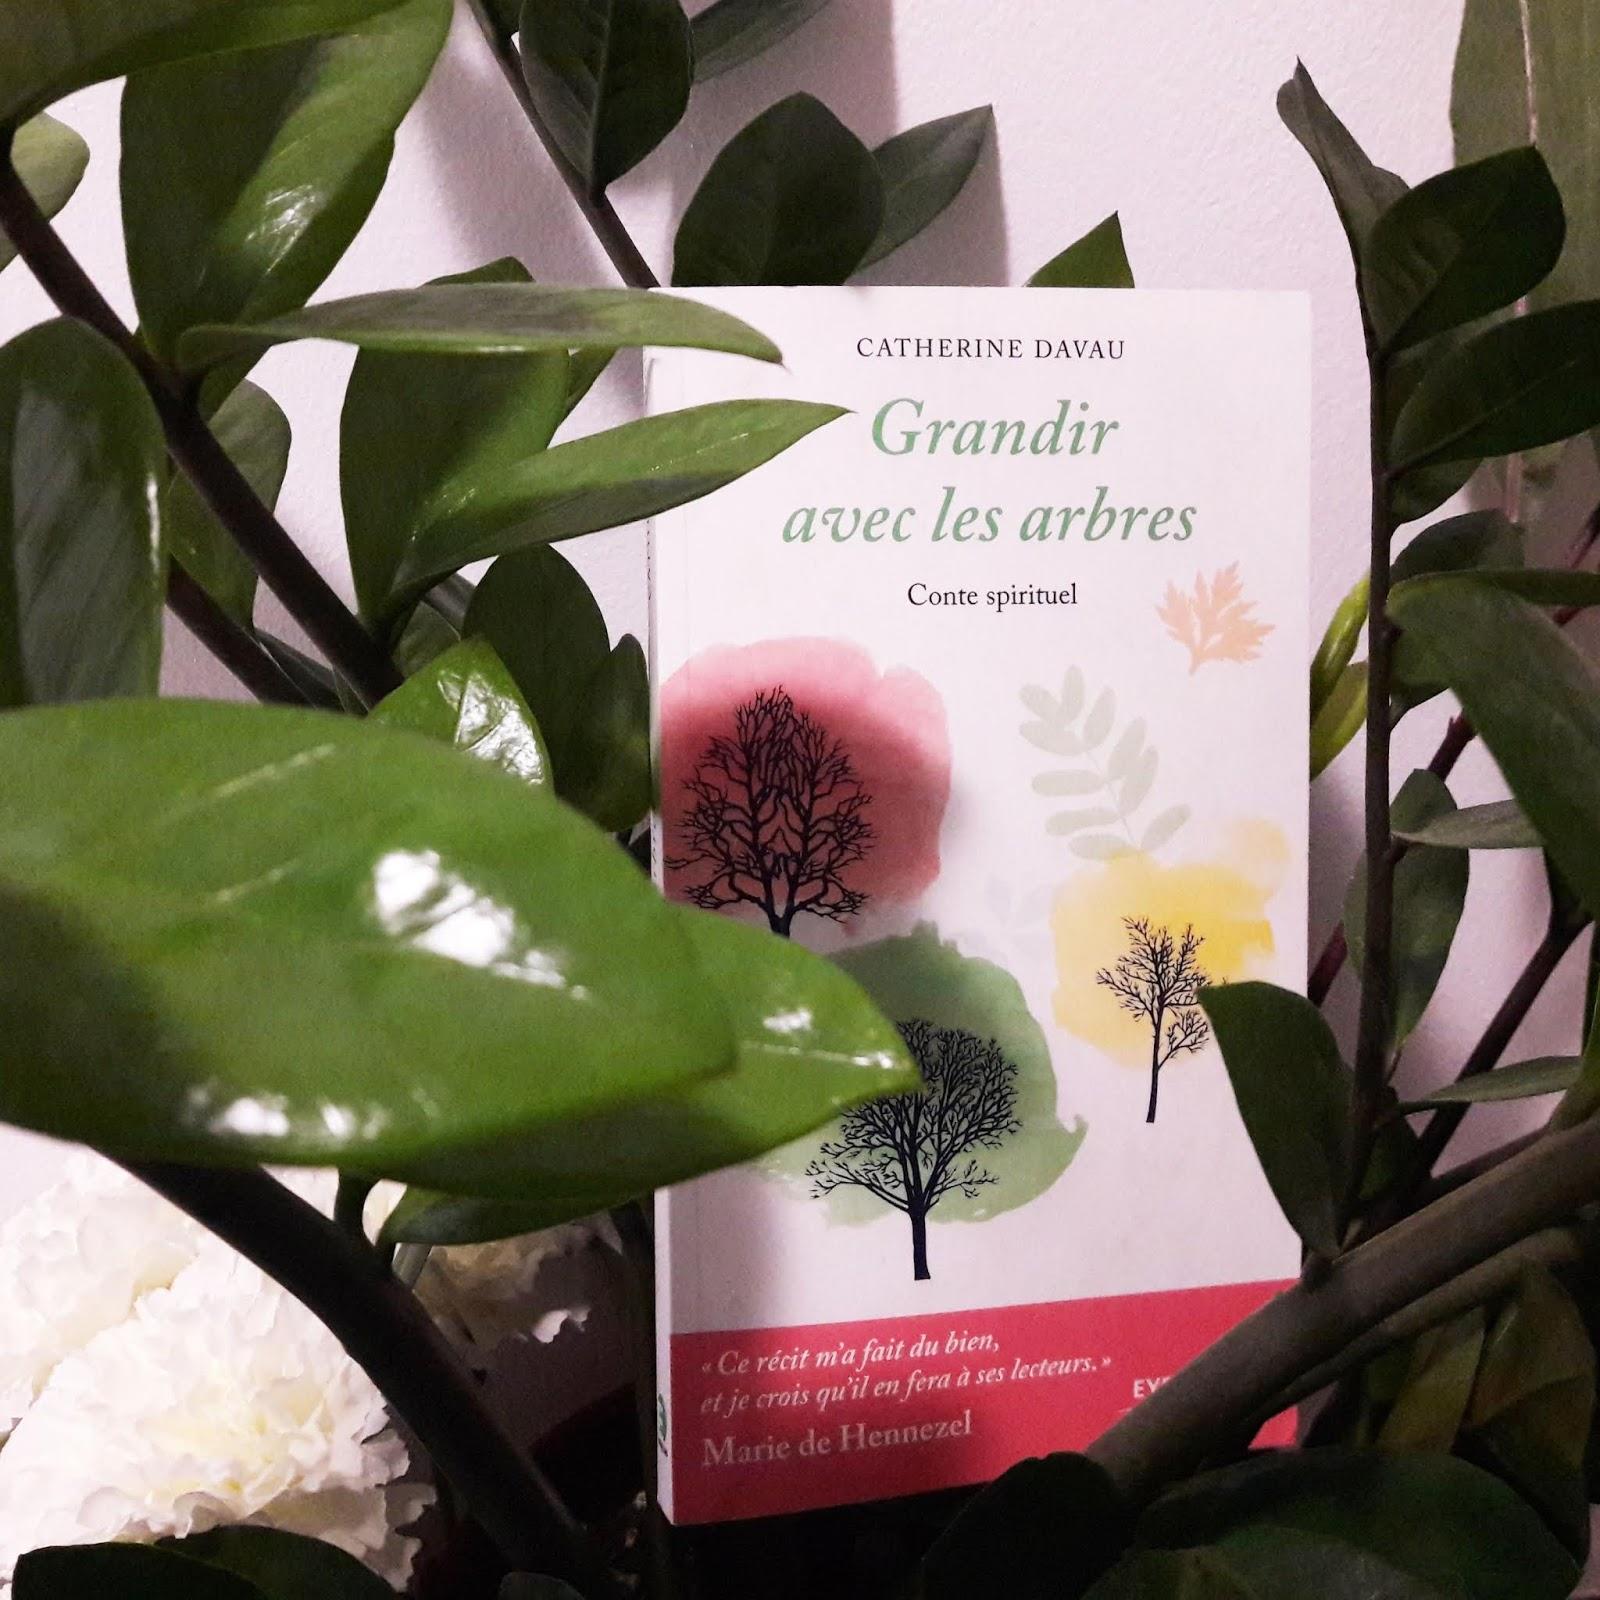 Grandir avec les arbres de Catherine Davau